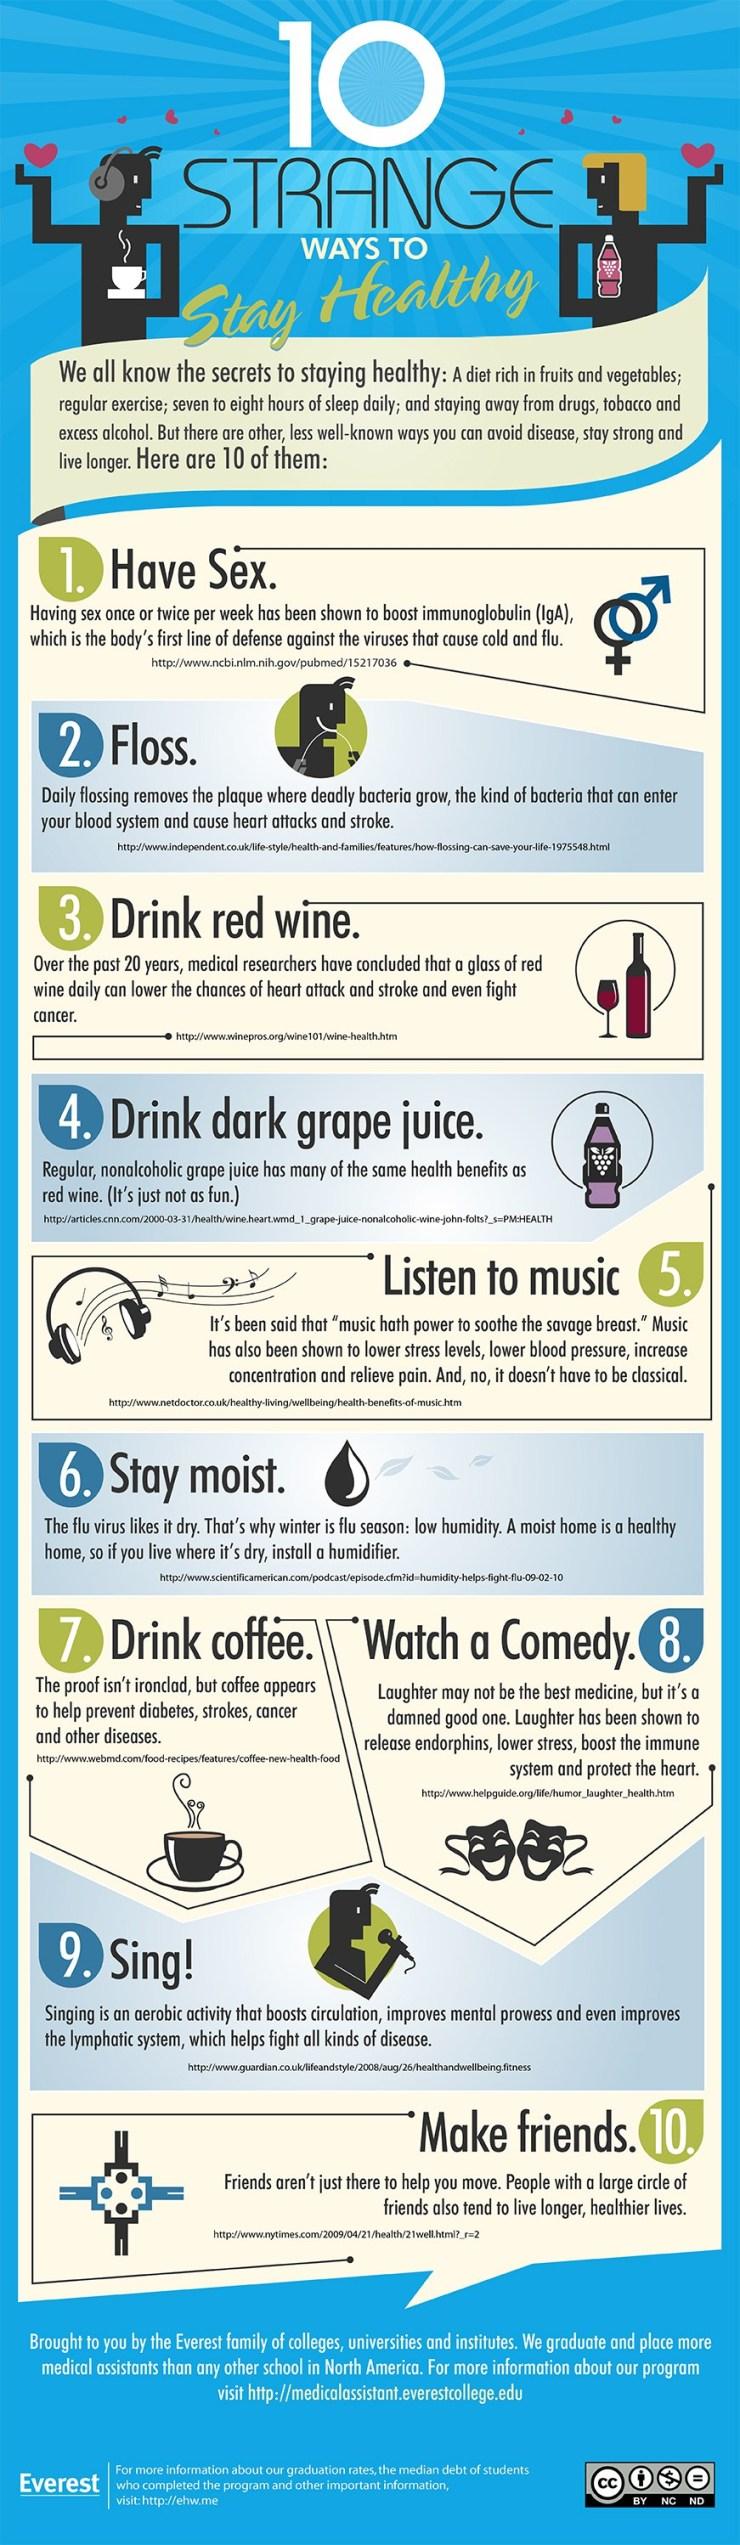 10-strange-ways